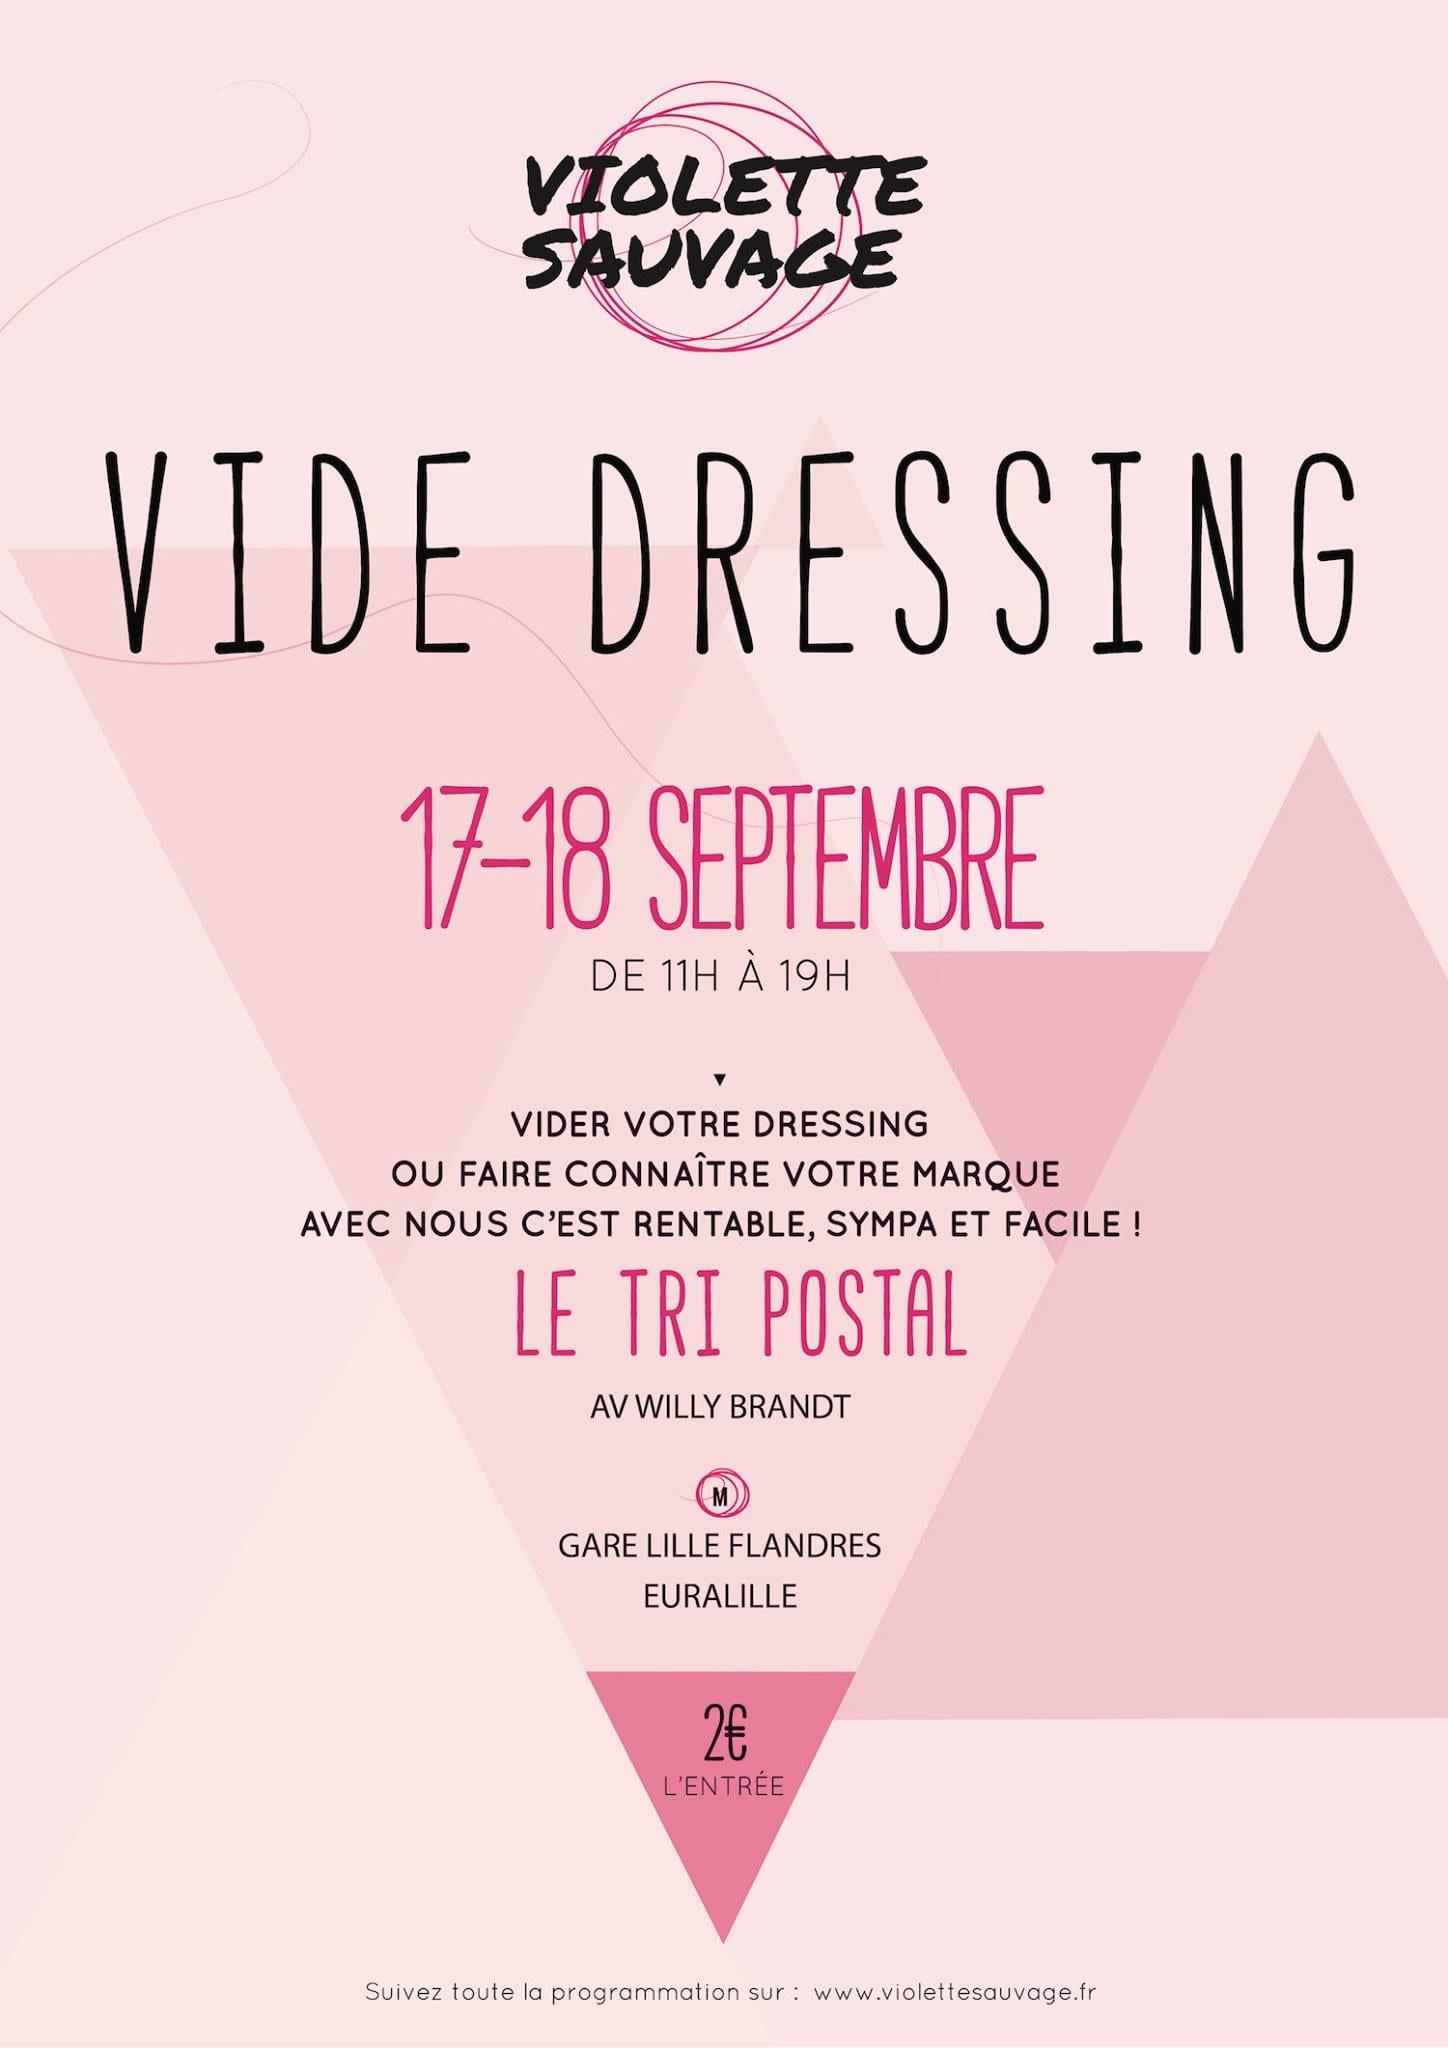 Rendez vous shopping au vide dressing Violette Sauvage à